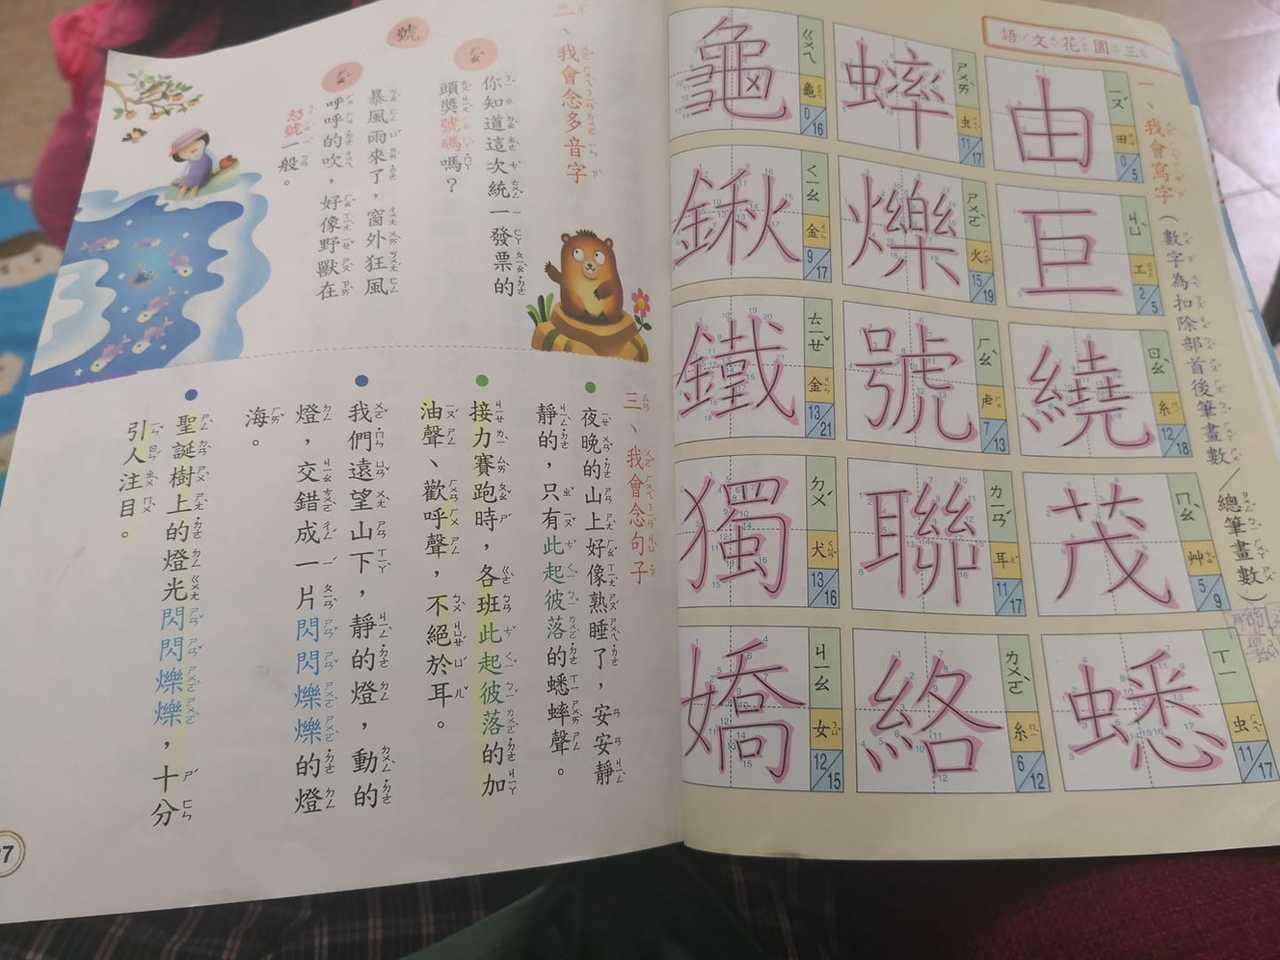 淡江大學蘭陽校園政經系主任包正豪在臉書提到幫小四孩子複習功課的情況。包正豪指出,...